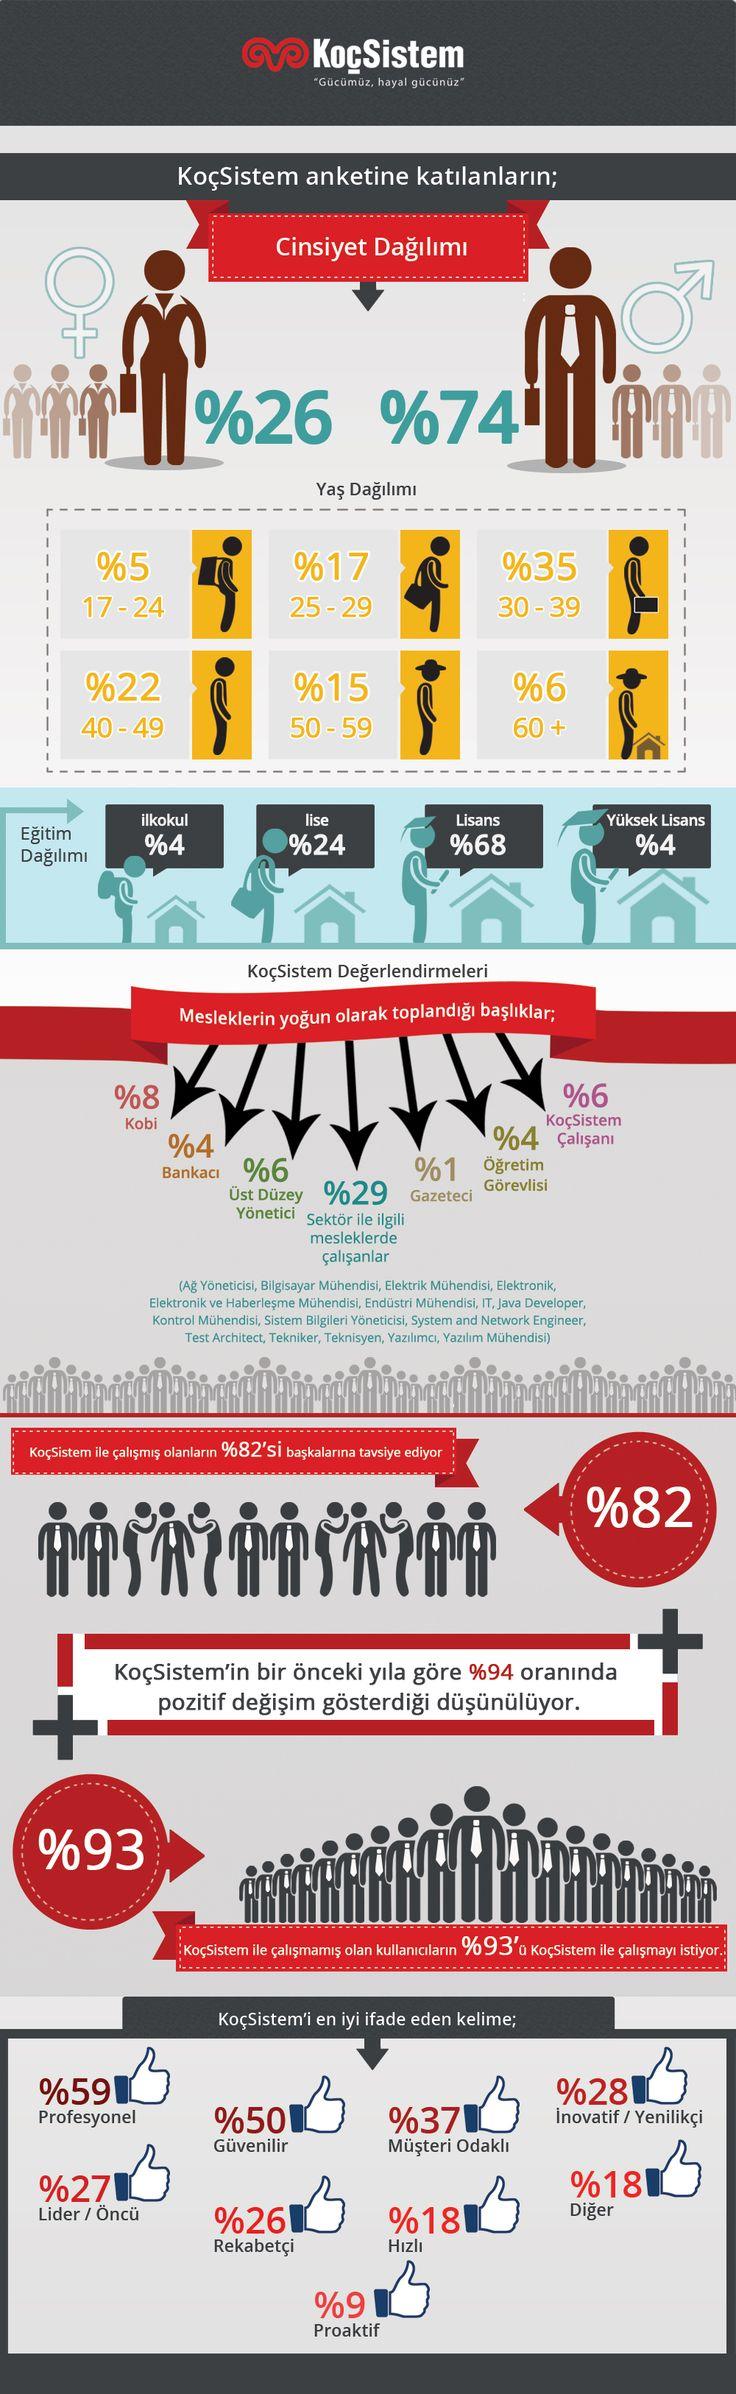 KoçSistem Facebook sayfamızda düzenlediğimiz anketimizin sonuçlarını sizlerle paylaşıyoruz.